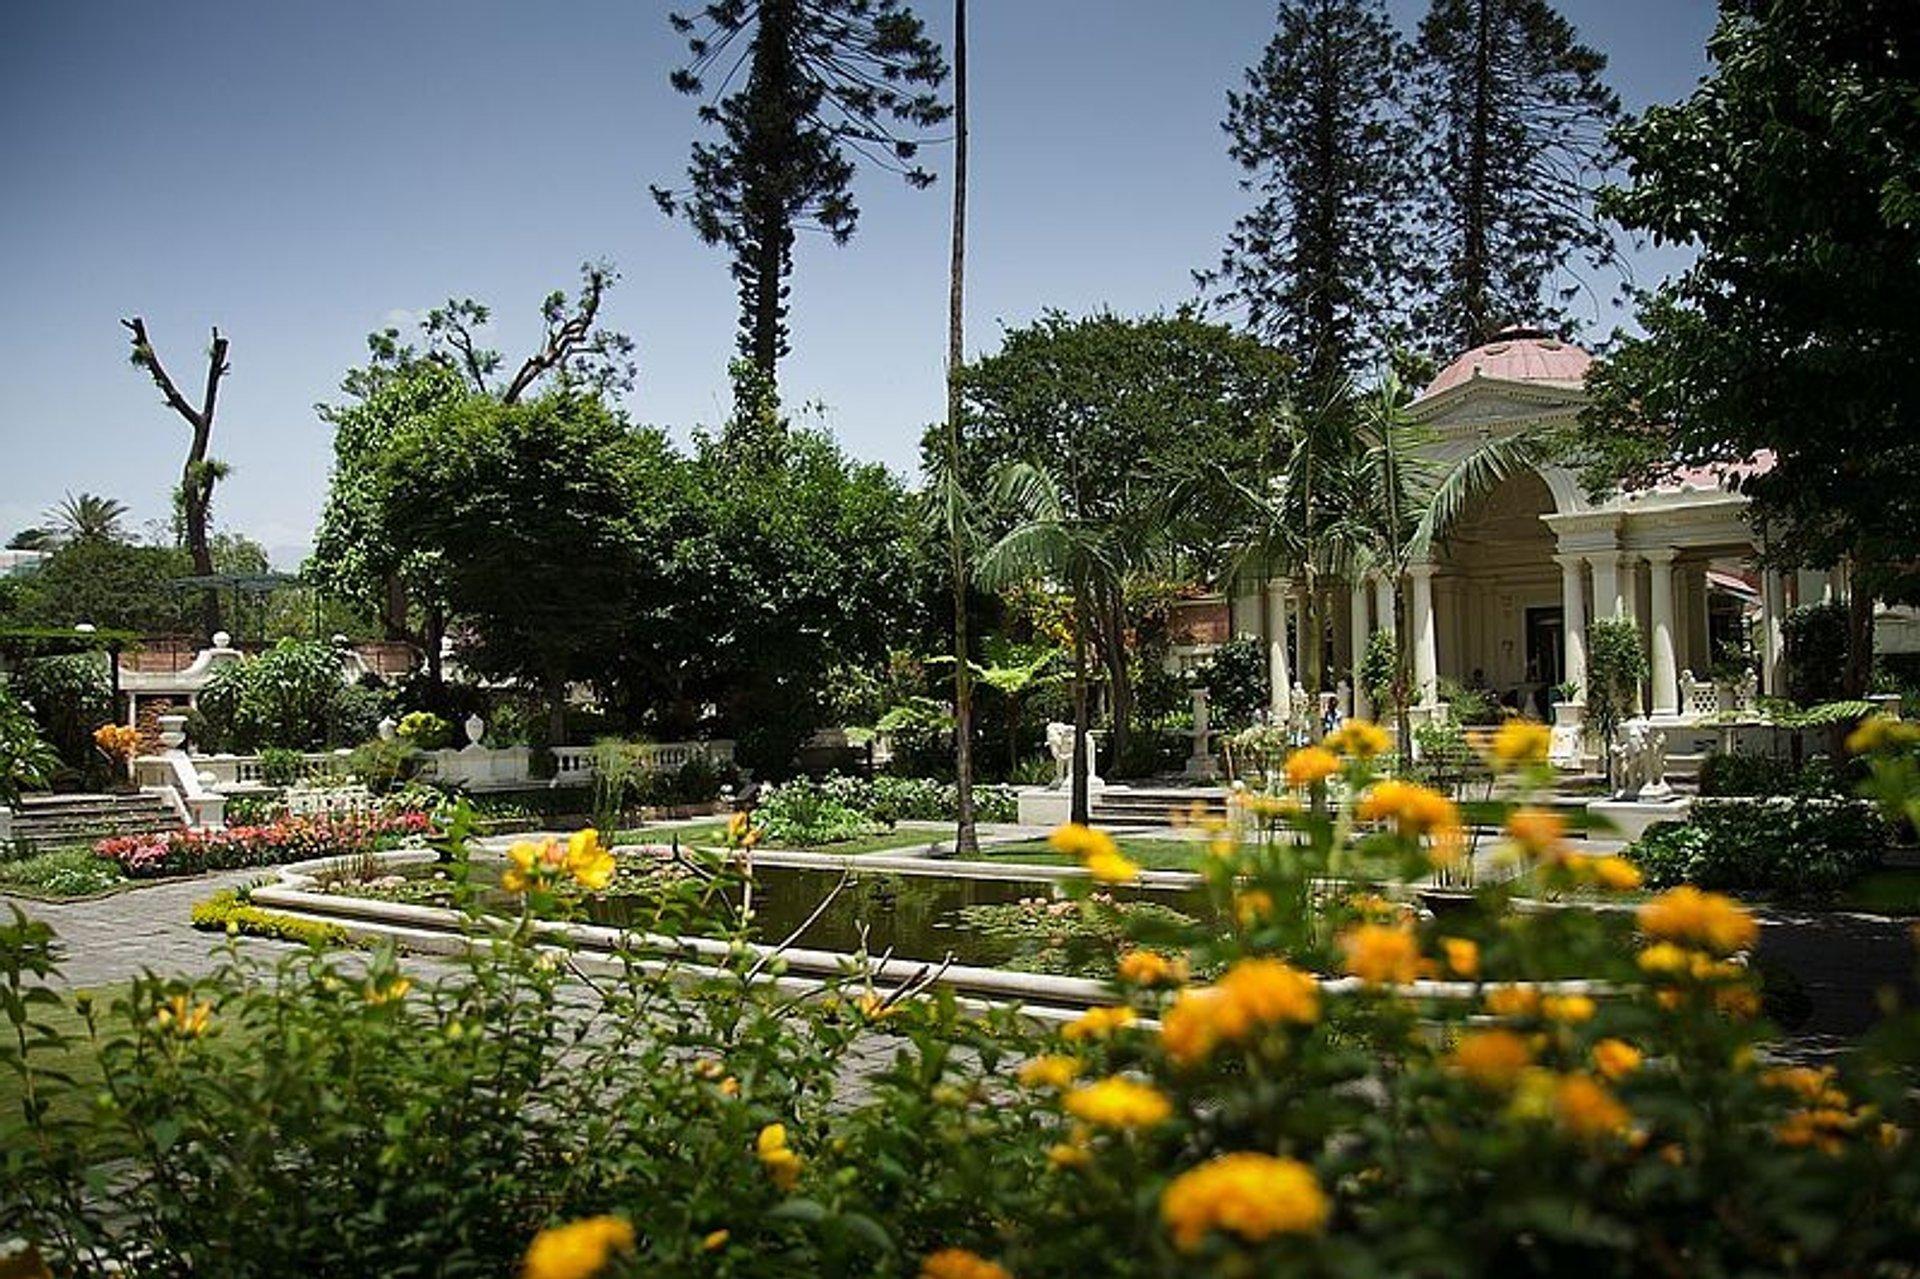 Garden of Dreams in Bloom in Kathmandu 2020 - Best Time